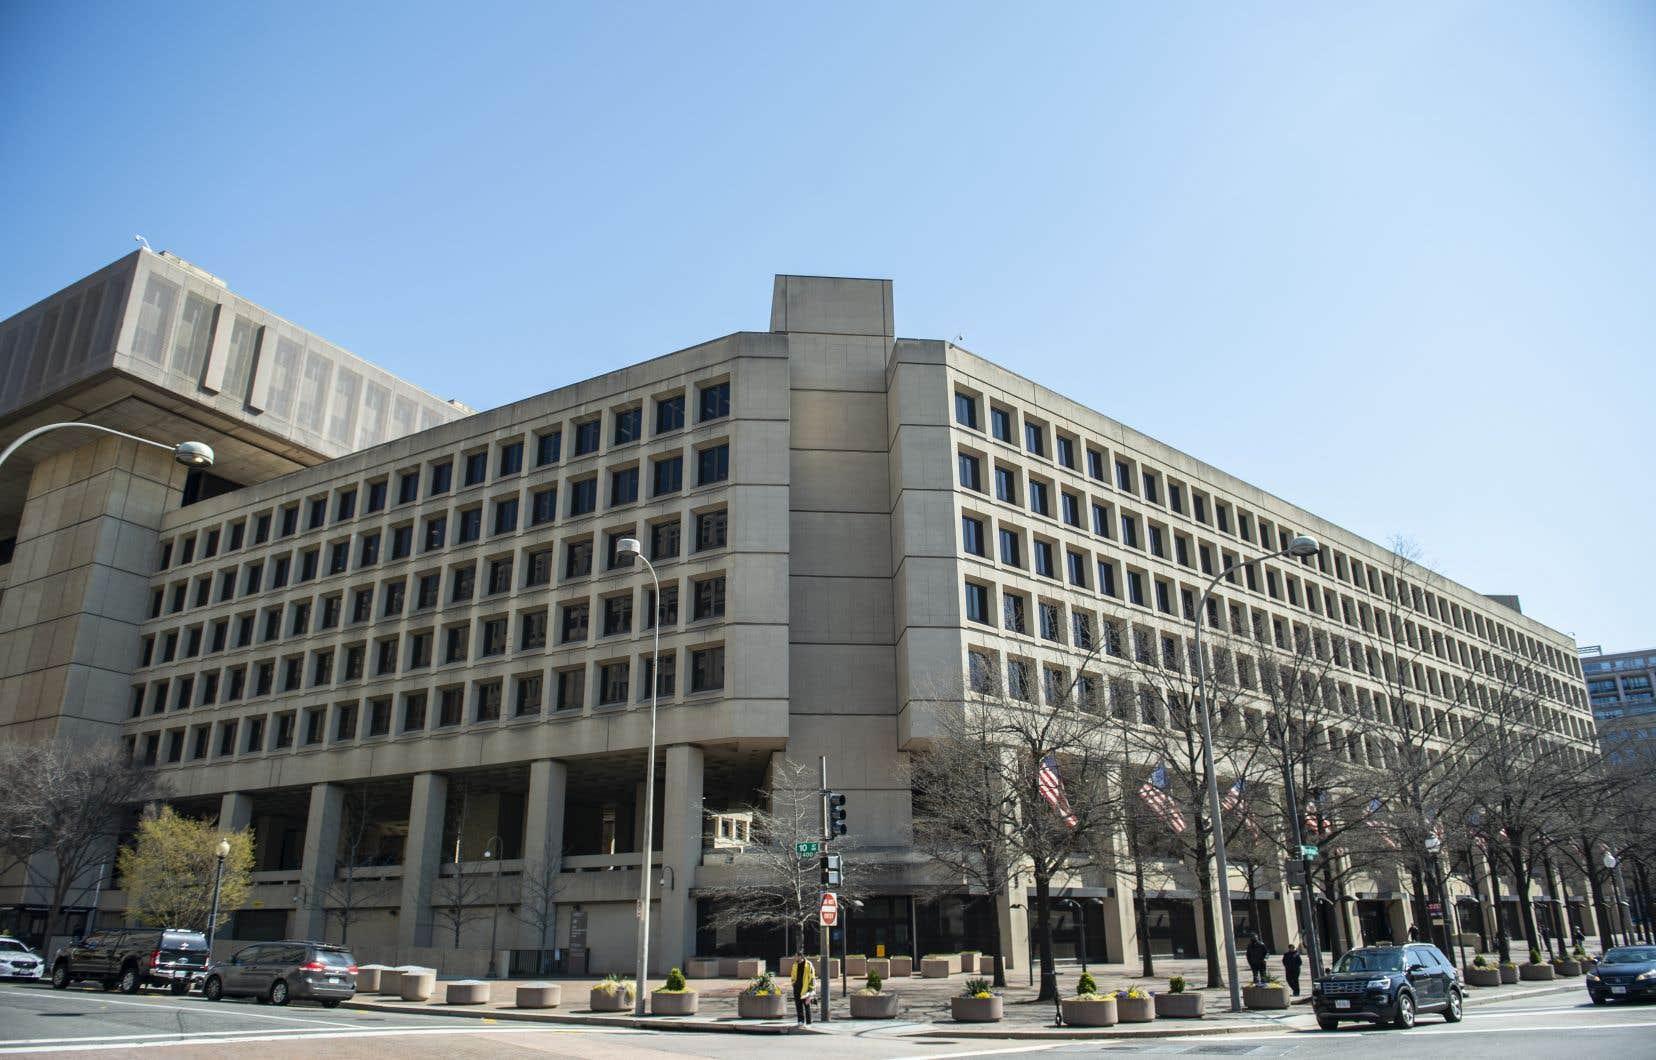 L'édifice J. Edgar Hoover où réside le FBI, à Washington, DC.